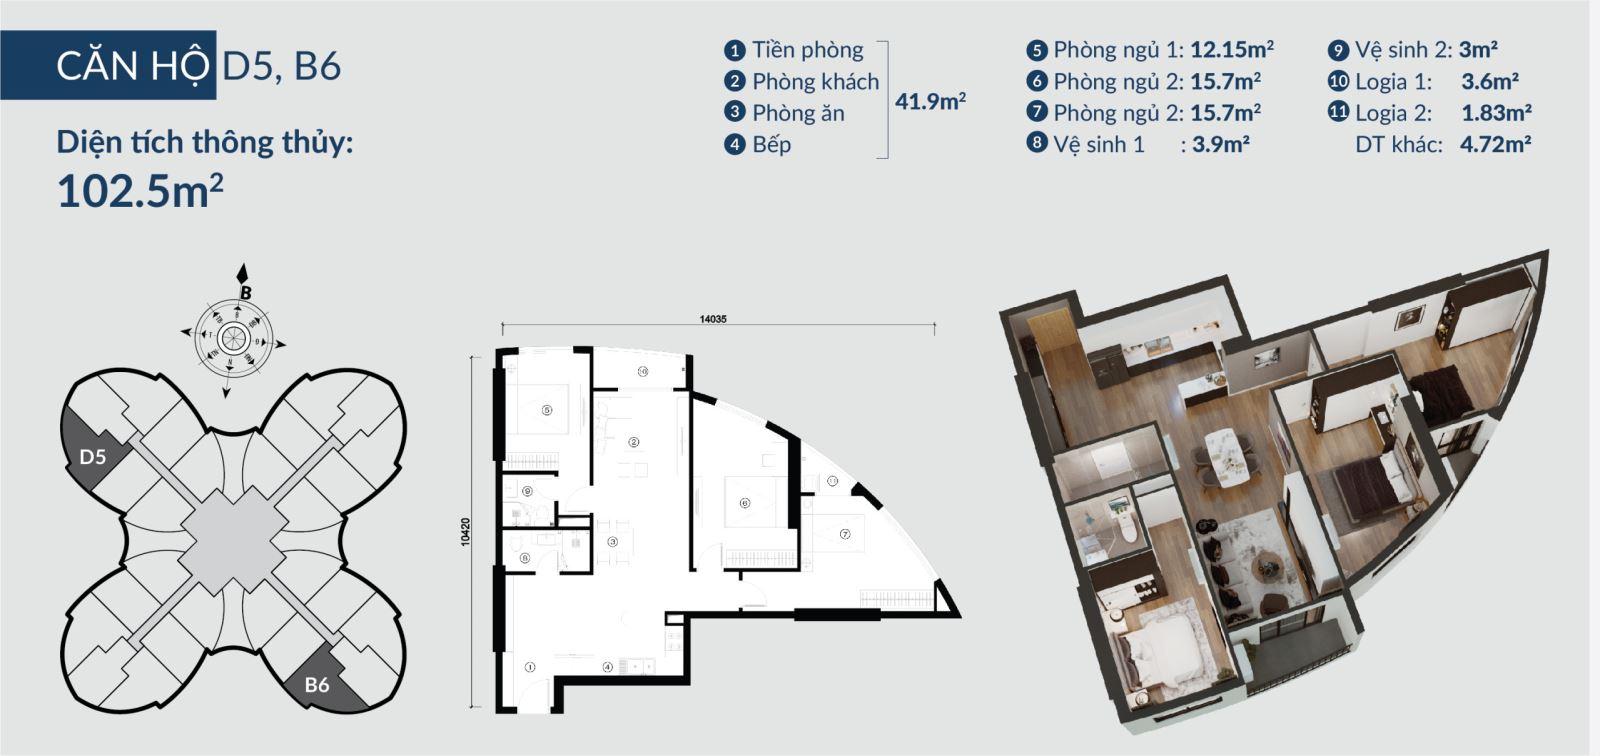 Chi tiết căn hộ Skyview Plaza 360 Giải Phóng 13